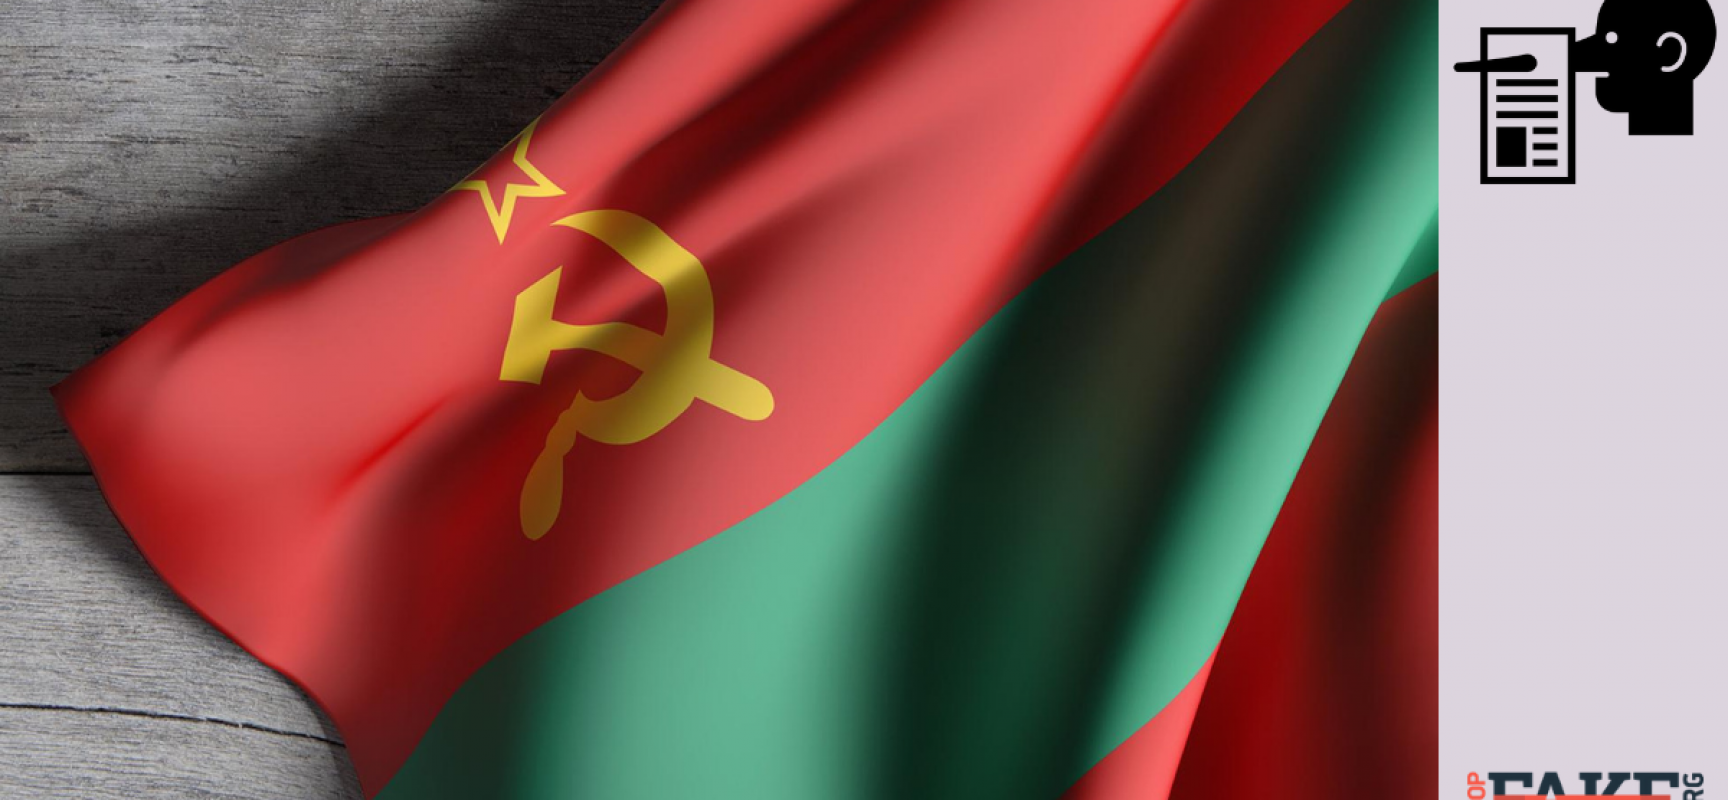 Фейк: Молдова отказалась от Приднестровья в угоду НАТО